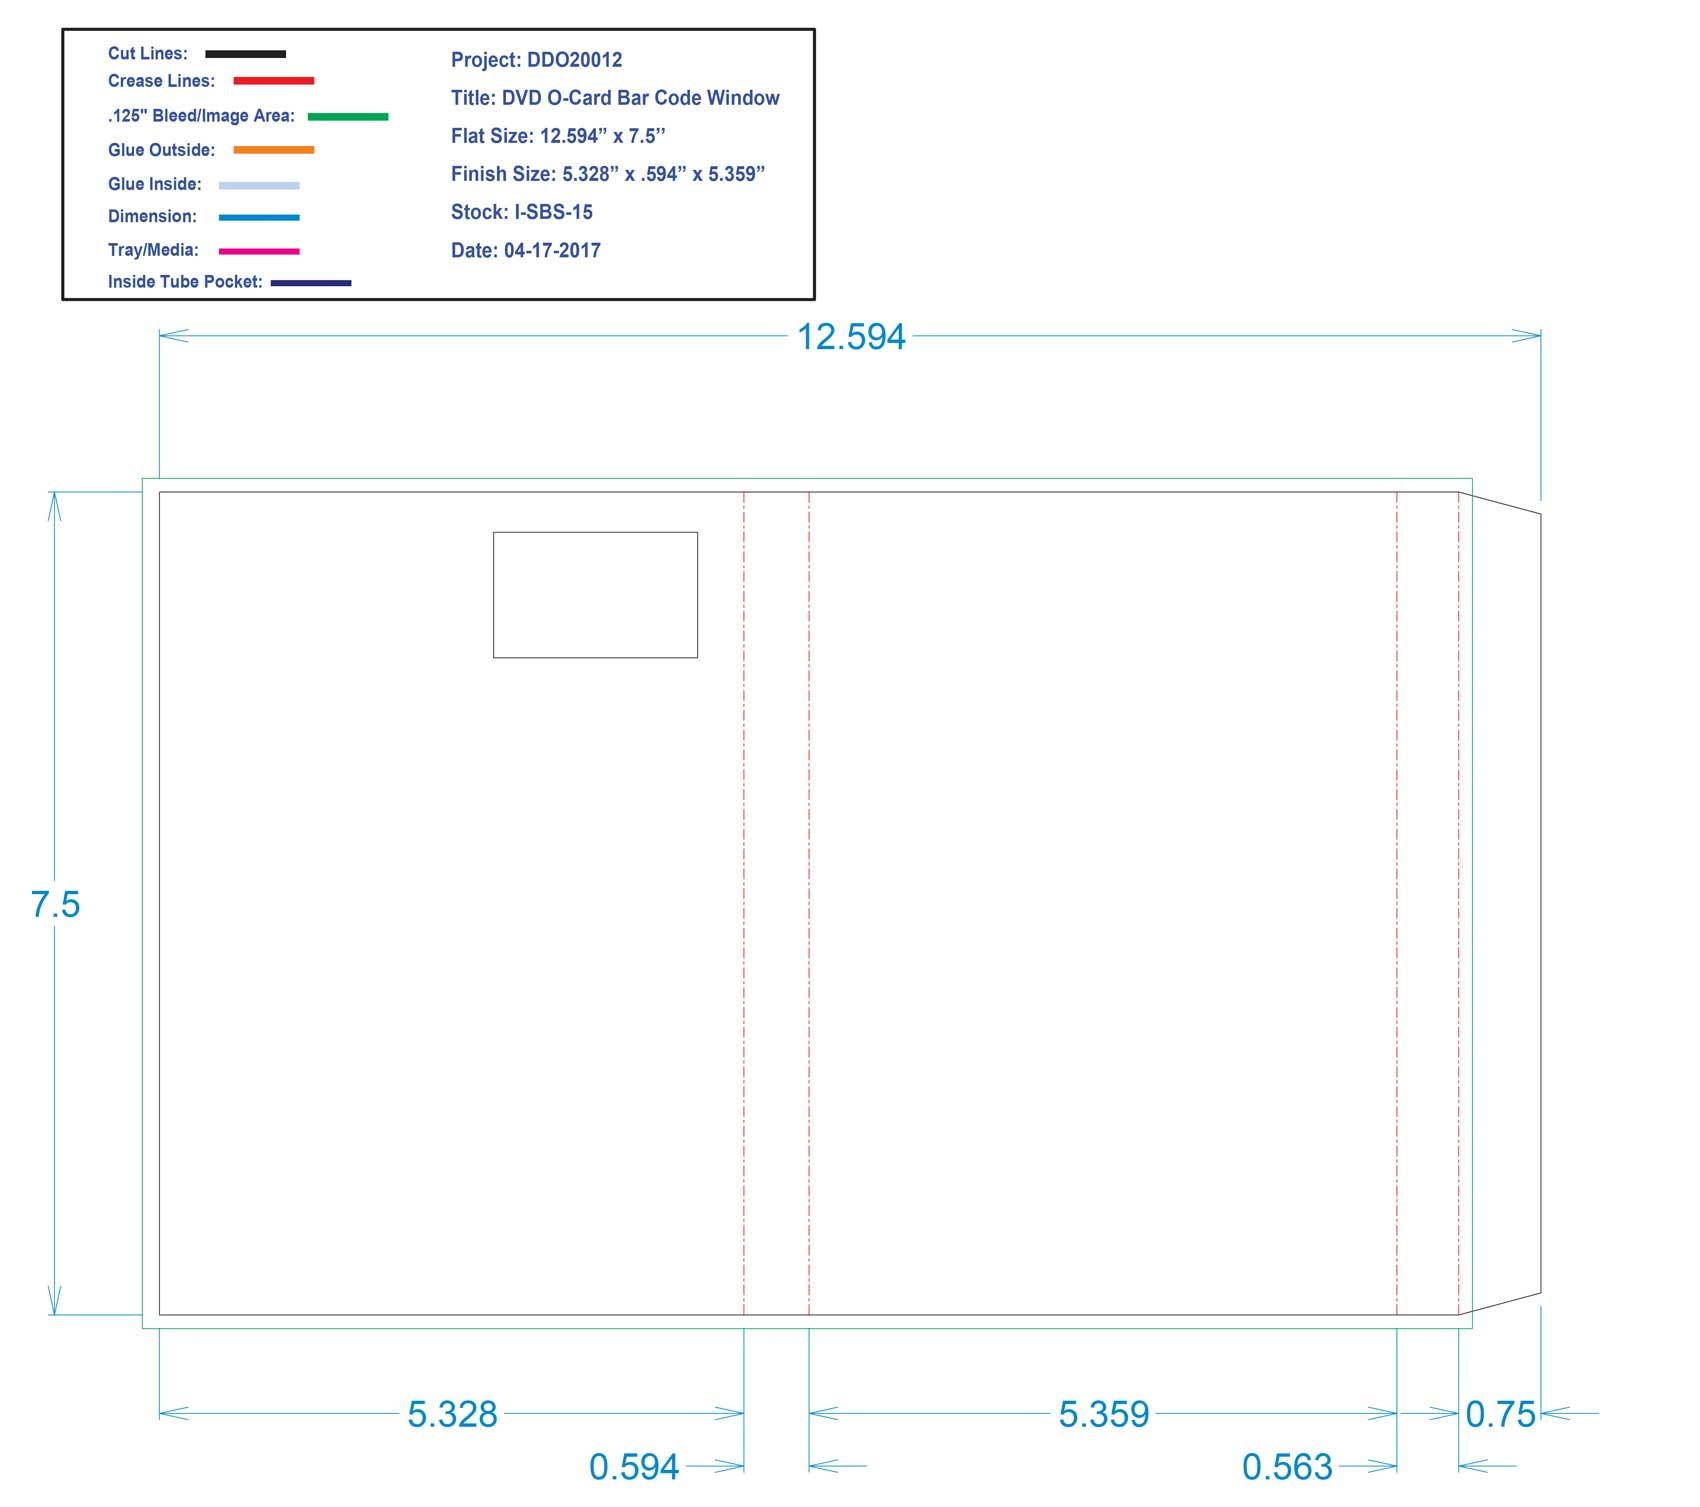 DDO20012 - DVD - O-Card Bar Code Window